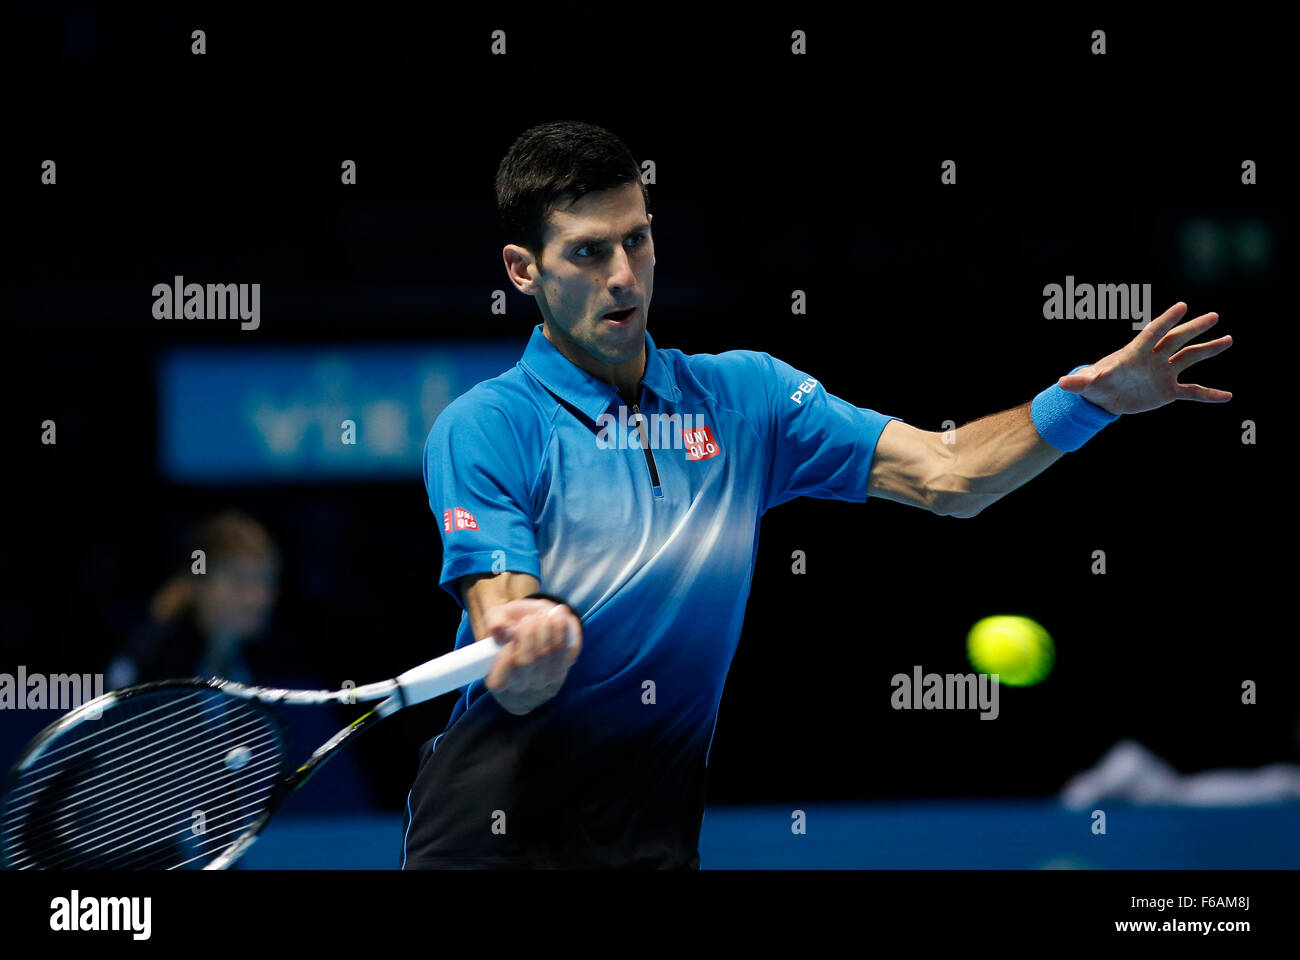 London Uk 15th November 2015 Atp Tennis Tour Finals Day 1 Novak